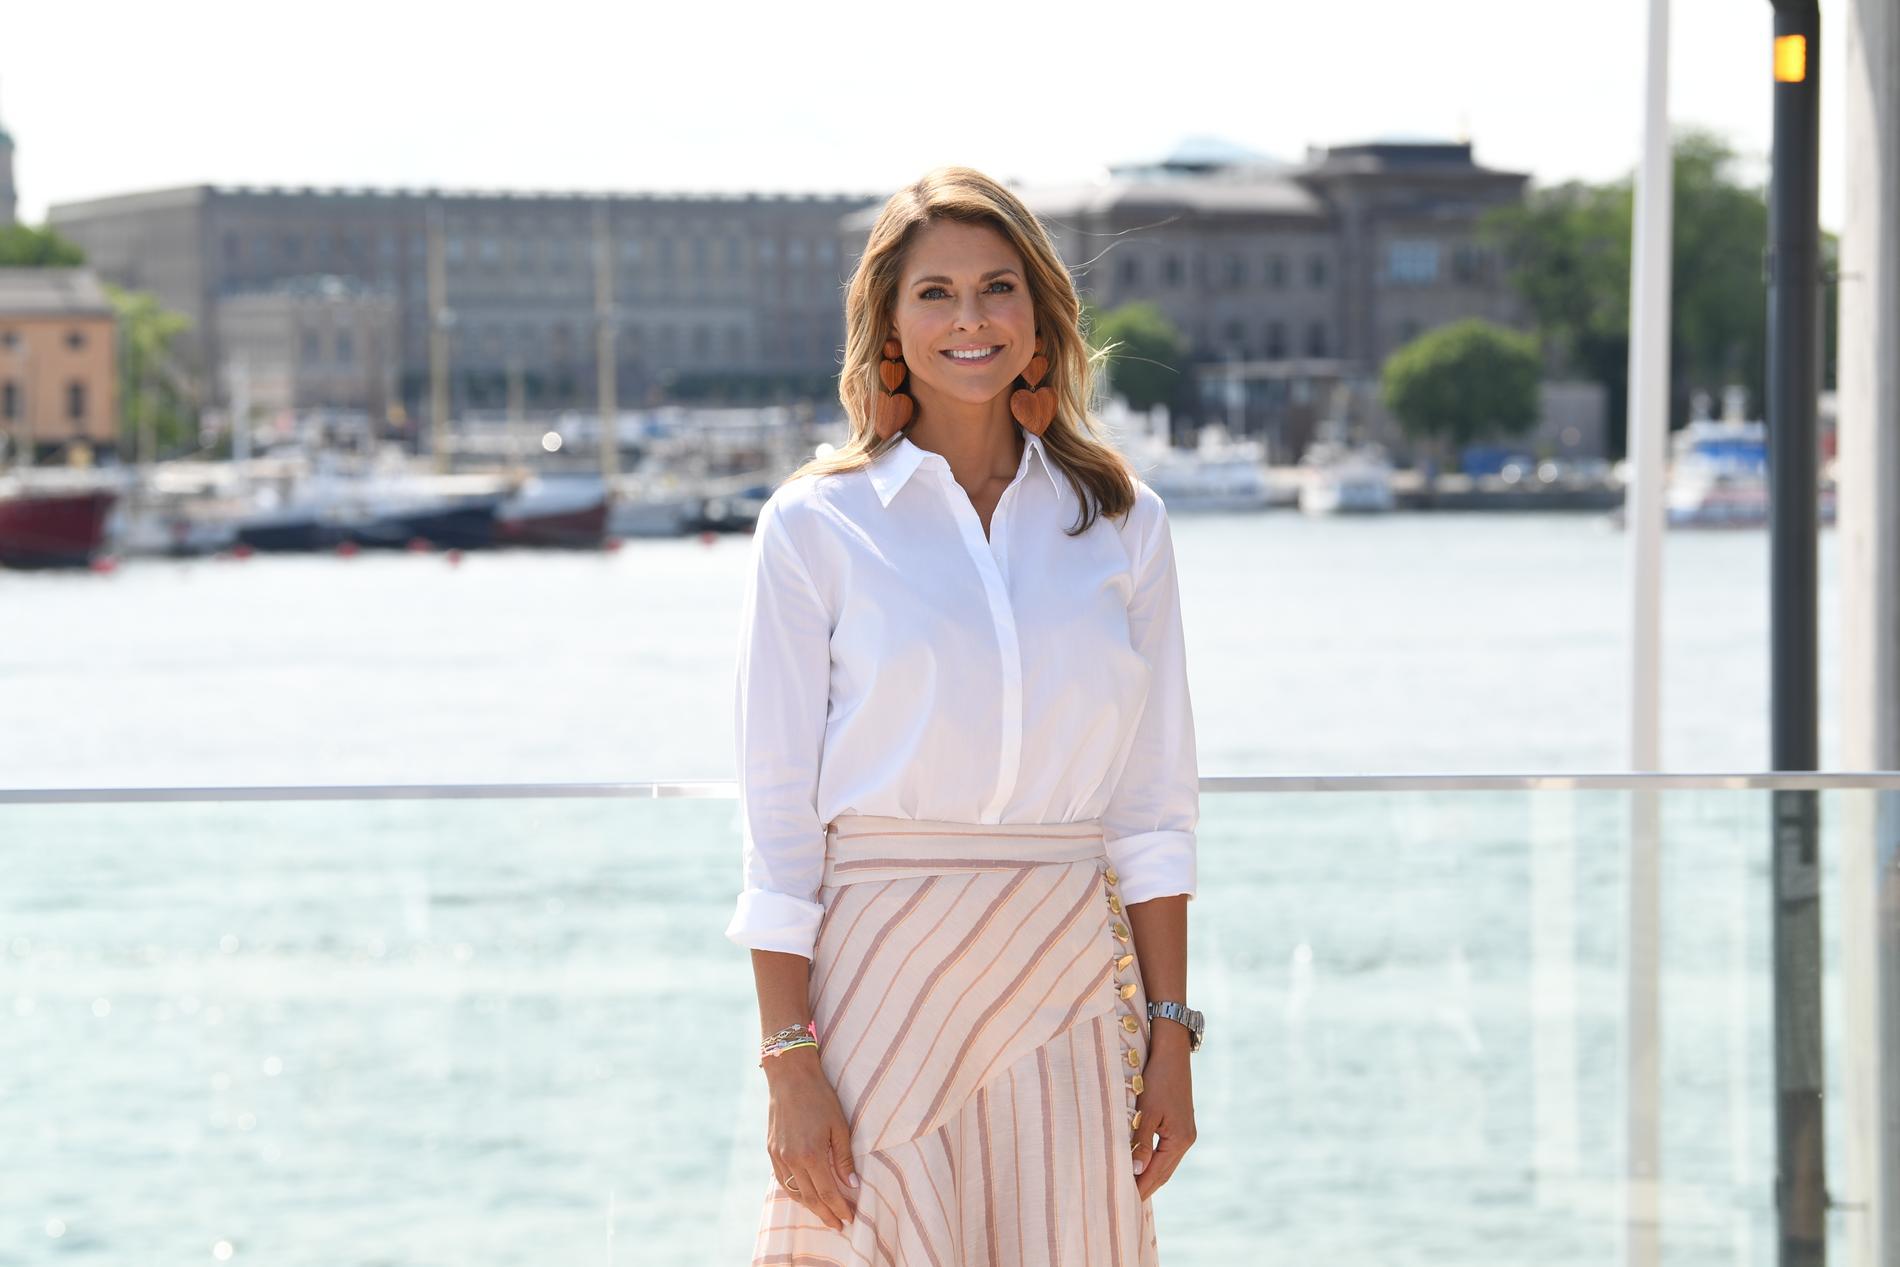 Prinsessan Madeleine under ett tidigare besök i Stockholm. Arkivbild.